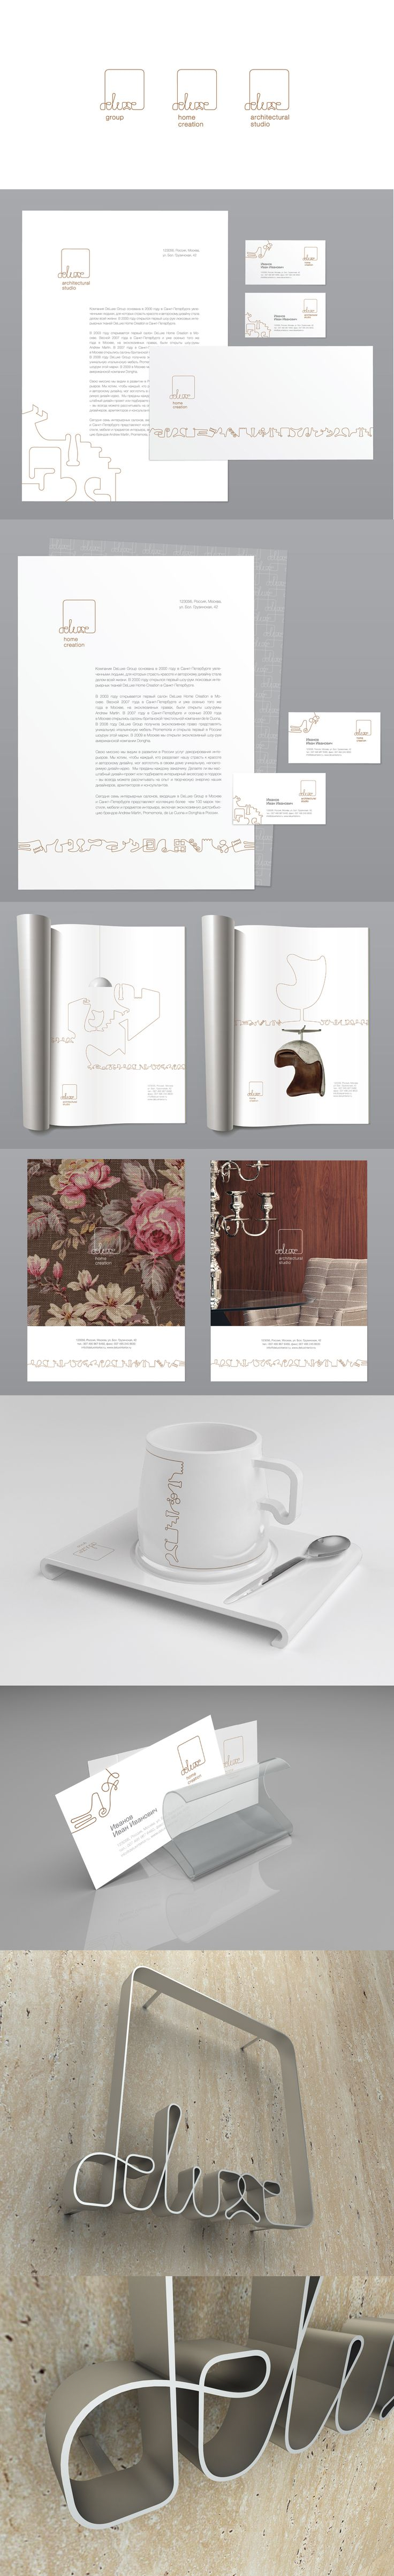 Фирменный стиль для компании Deluxe., Identity © AntonZhdanov